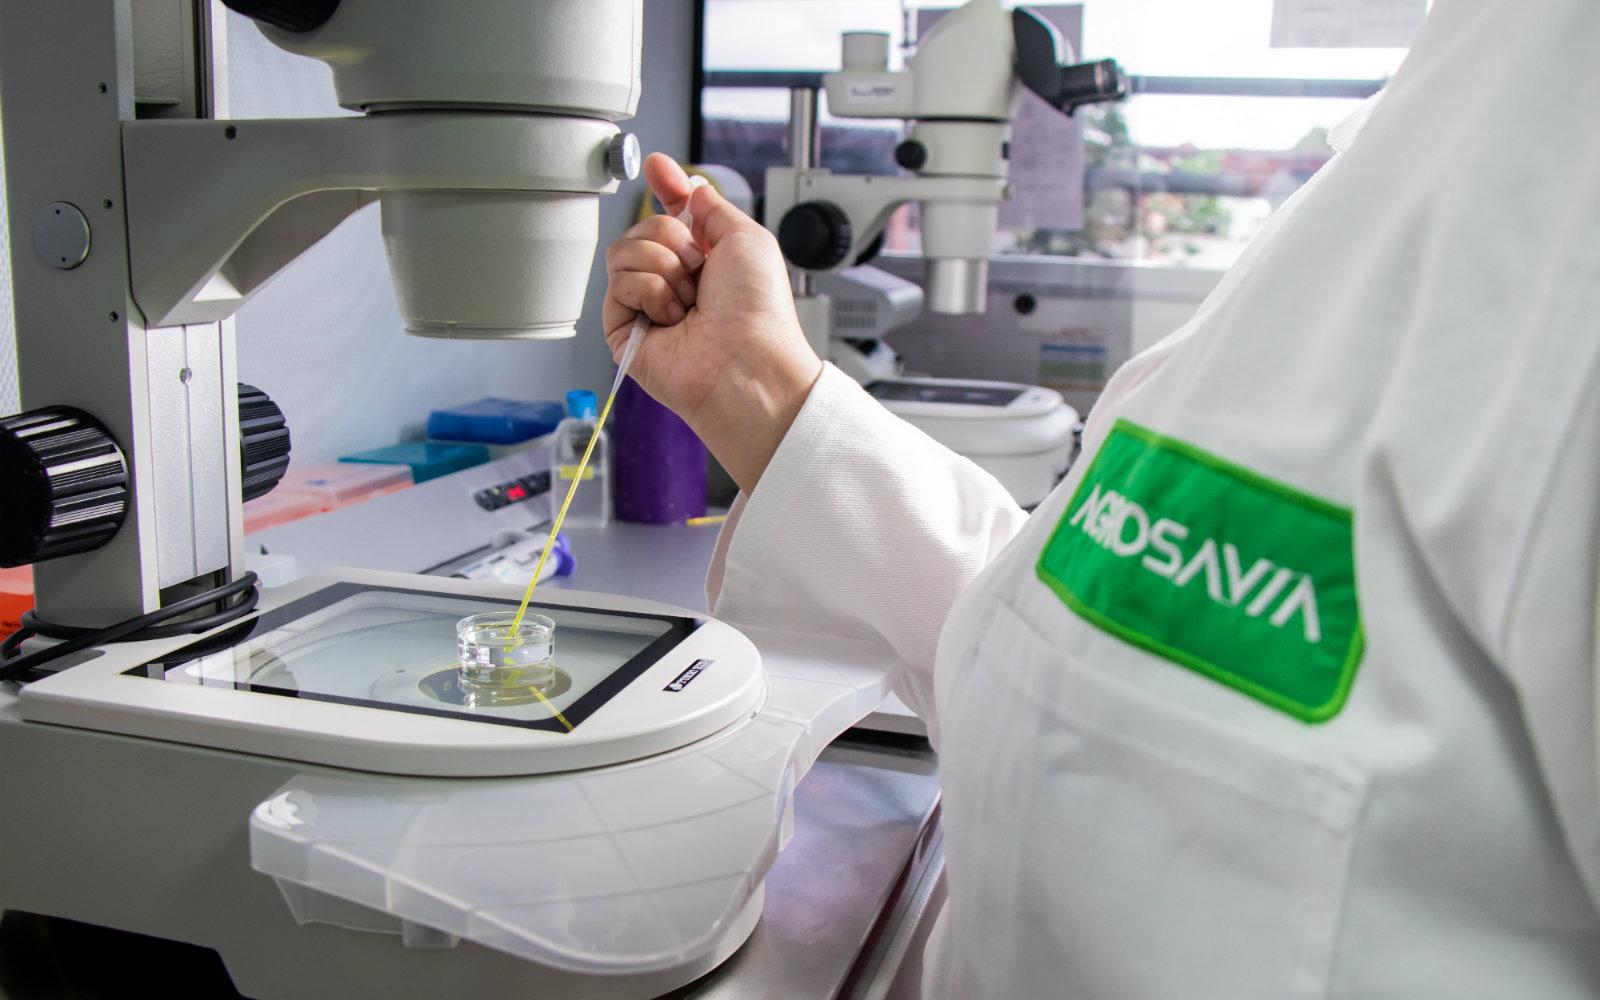 Inicia adecuación del laboratorio de investigación y servicios para el sector agropecuario en Santander